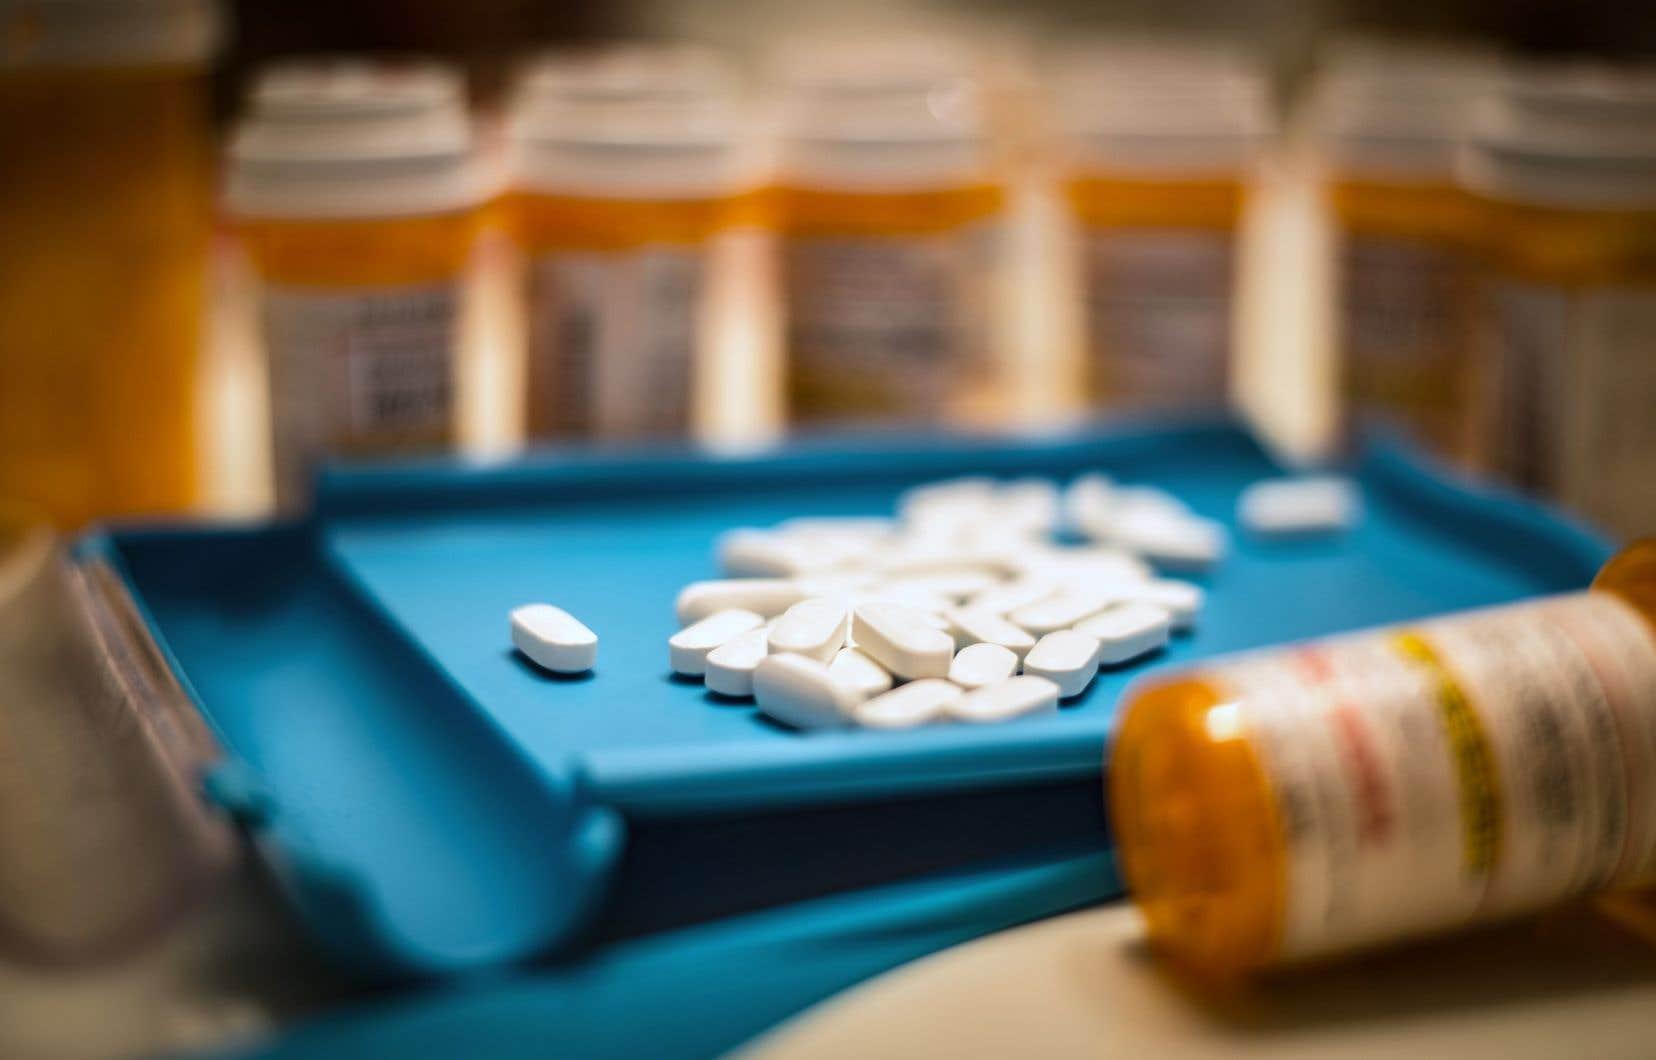 L'assurance-médicaments pourrait devenir un des enjeux importants de la prochaine campagne électorale, plus tard cette année.